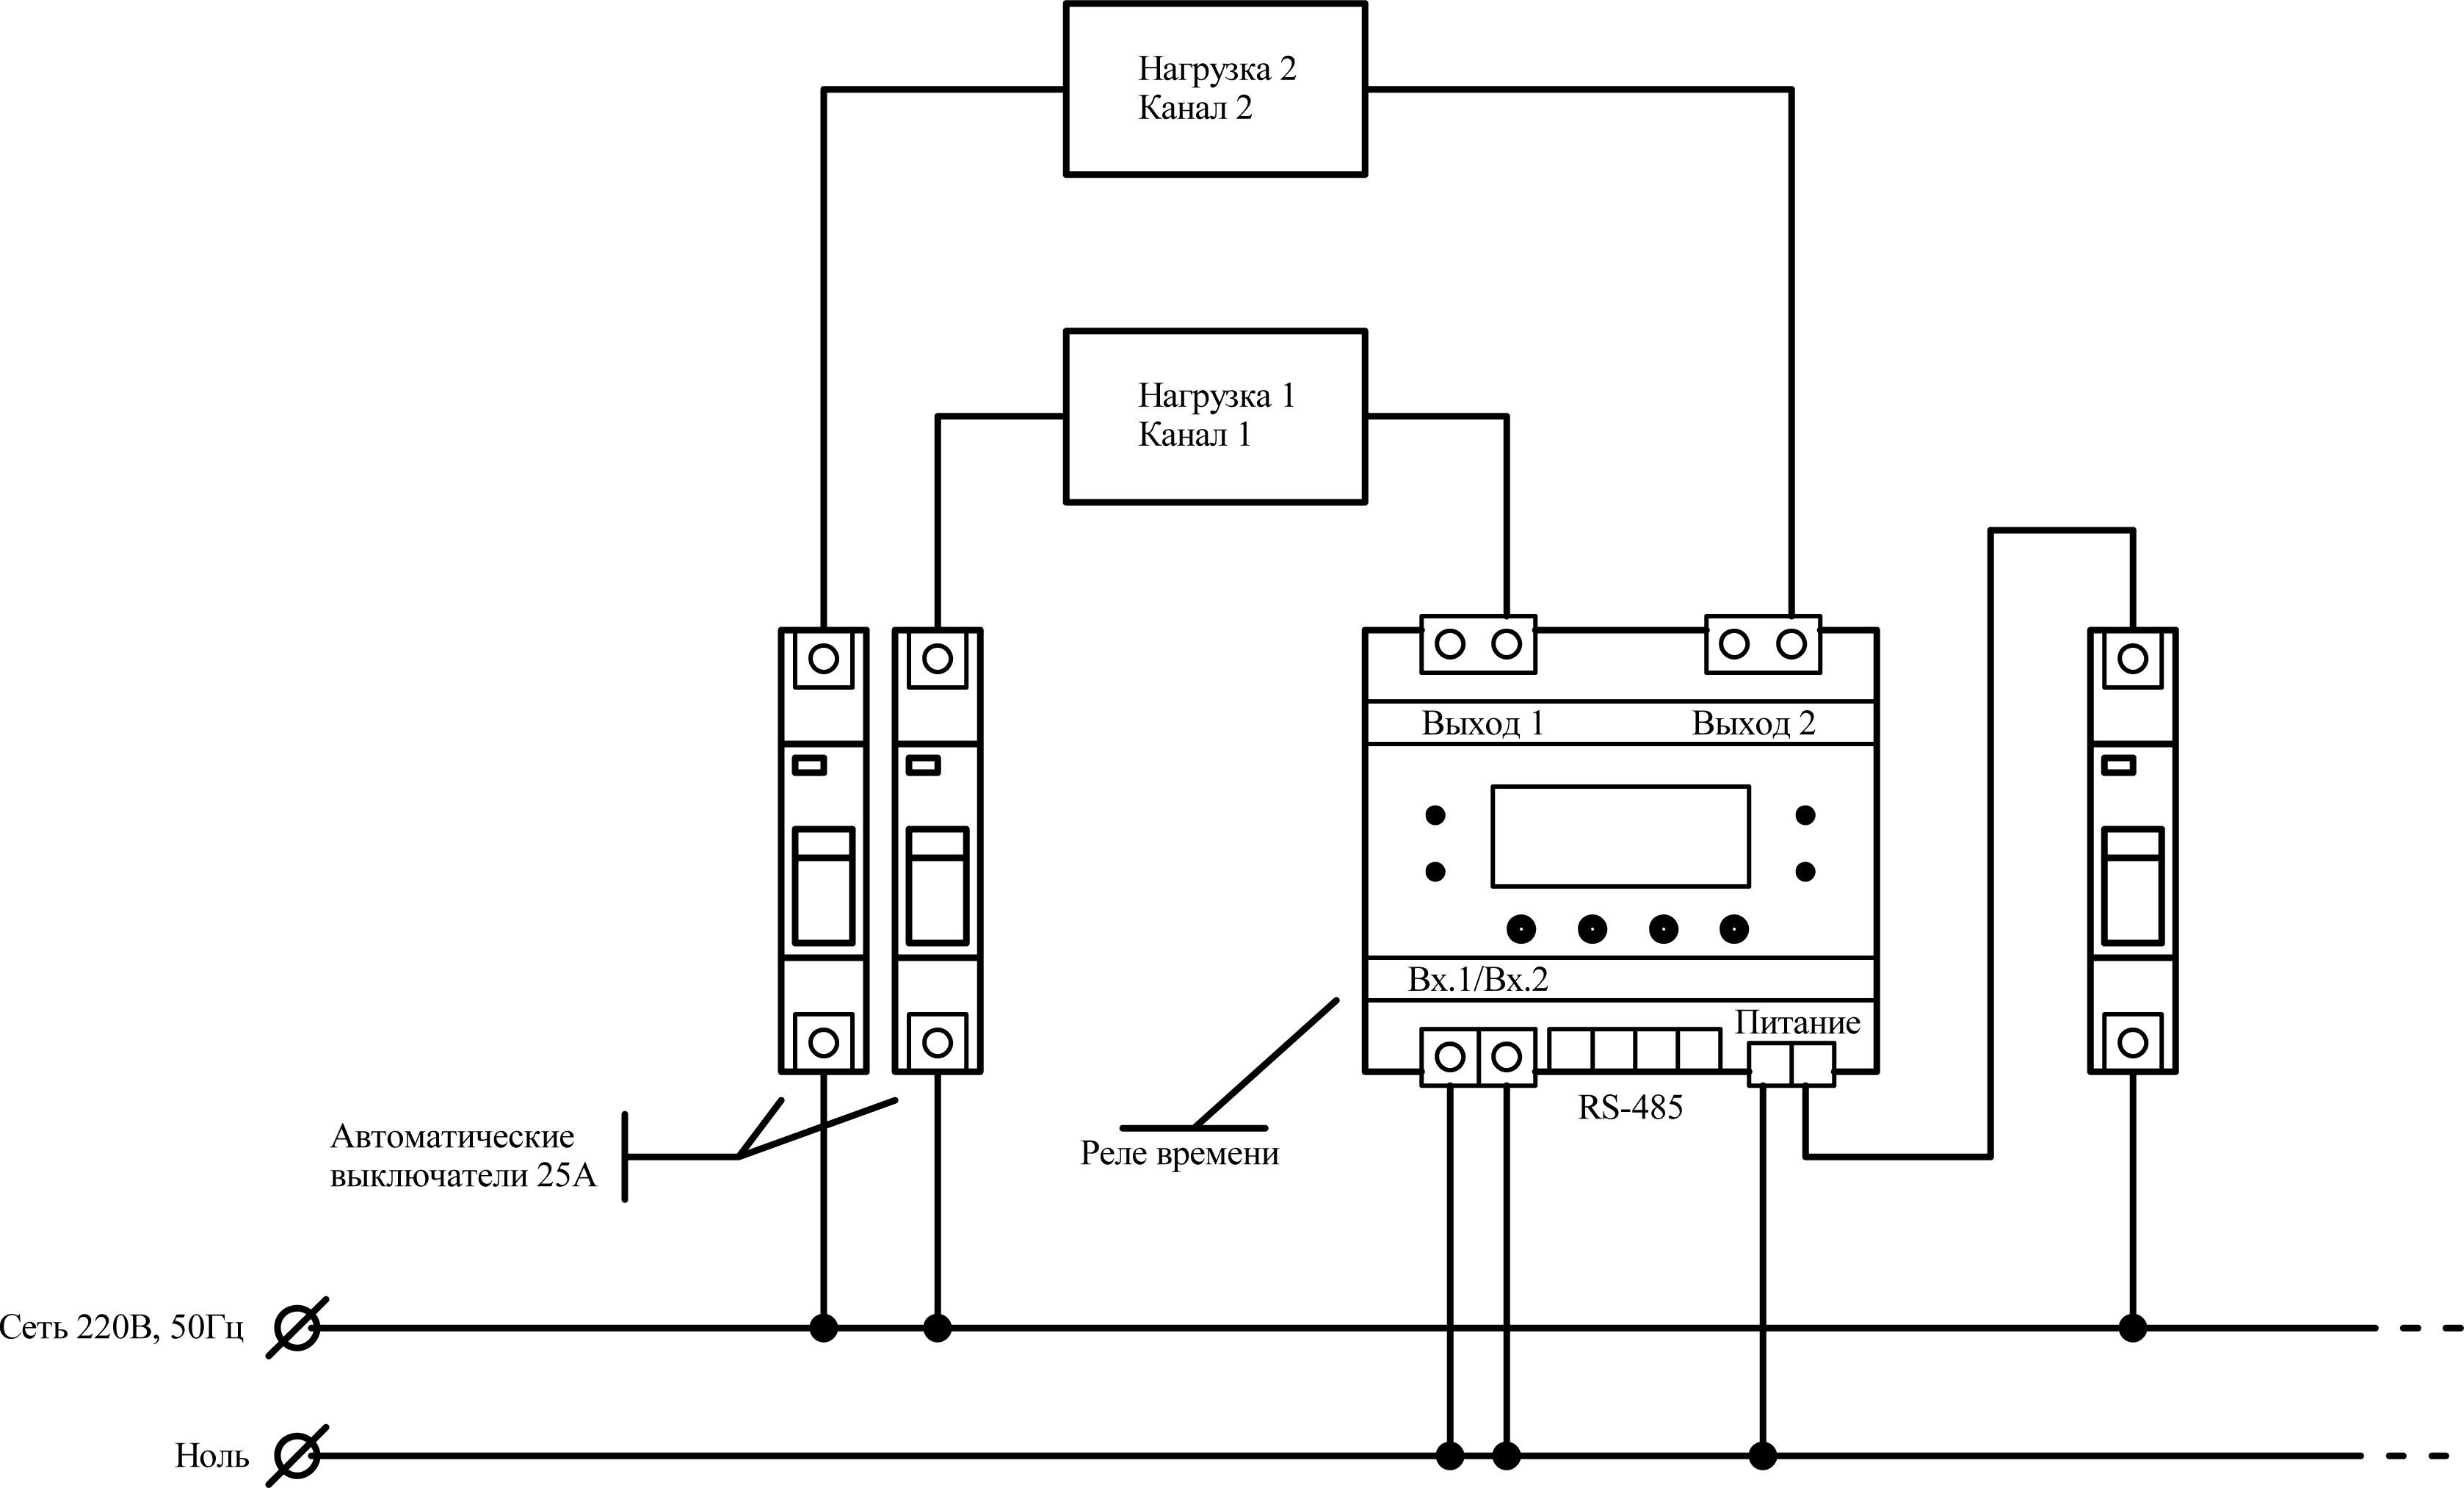 Реле времени рво-26м с выдержкой времени после снятия напряжения питания | электротехническая компания меандр